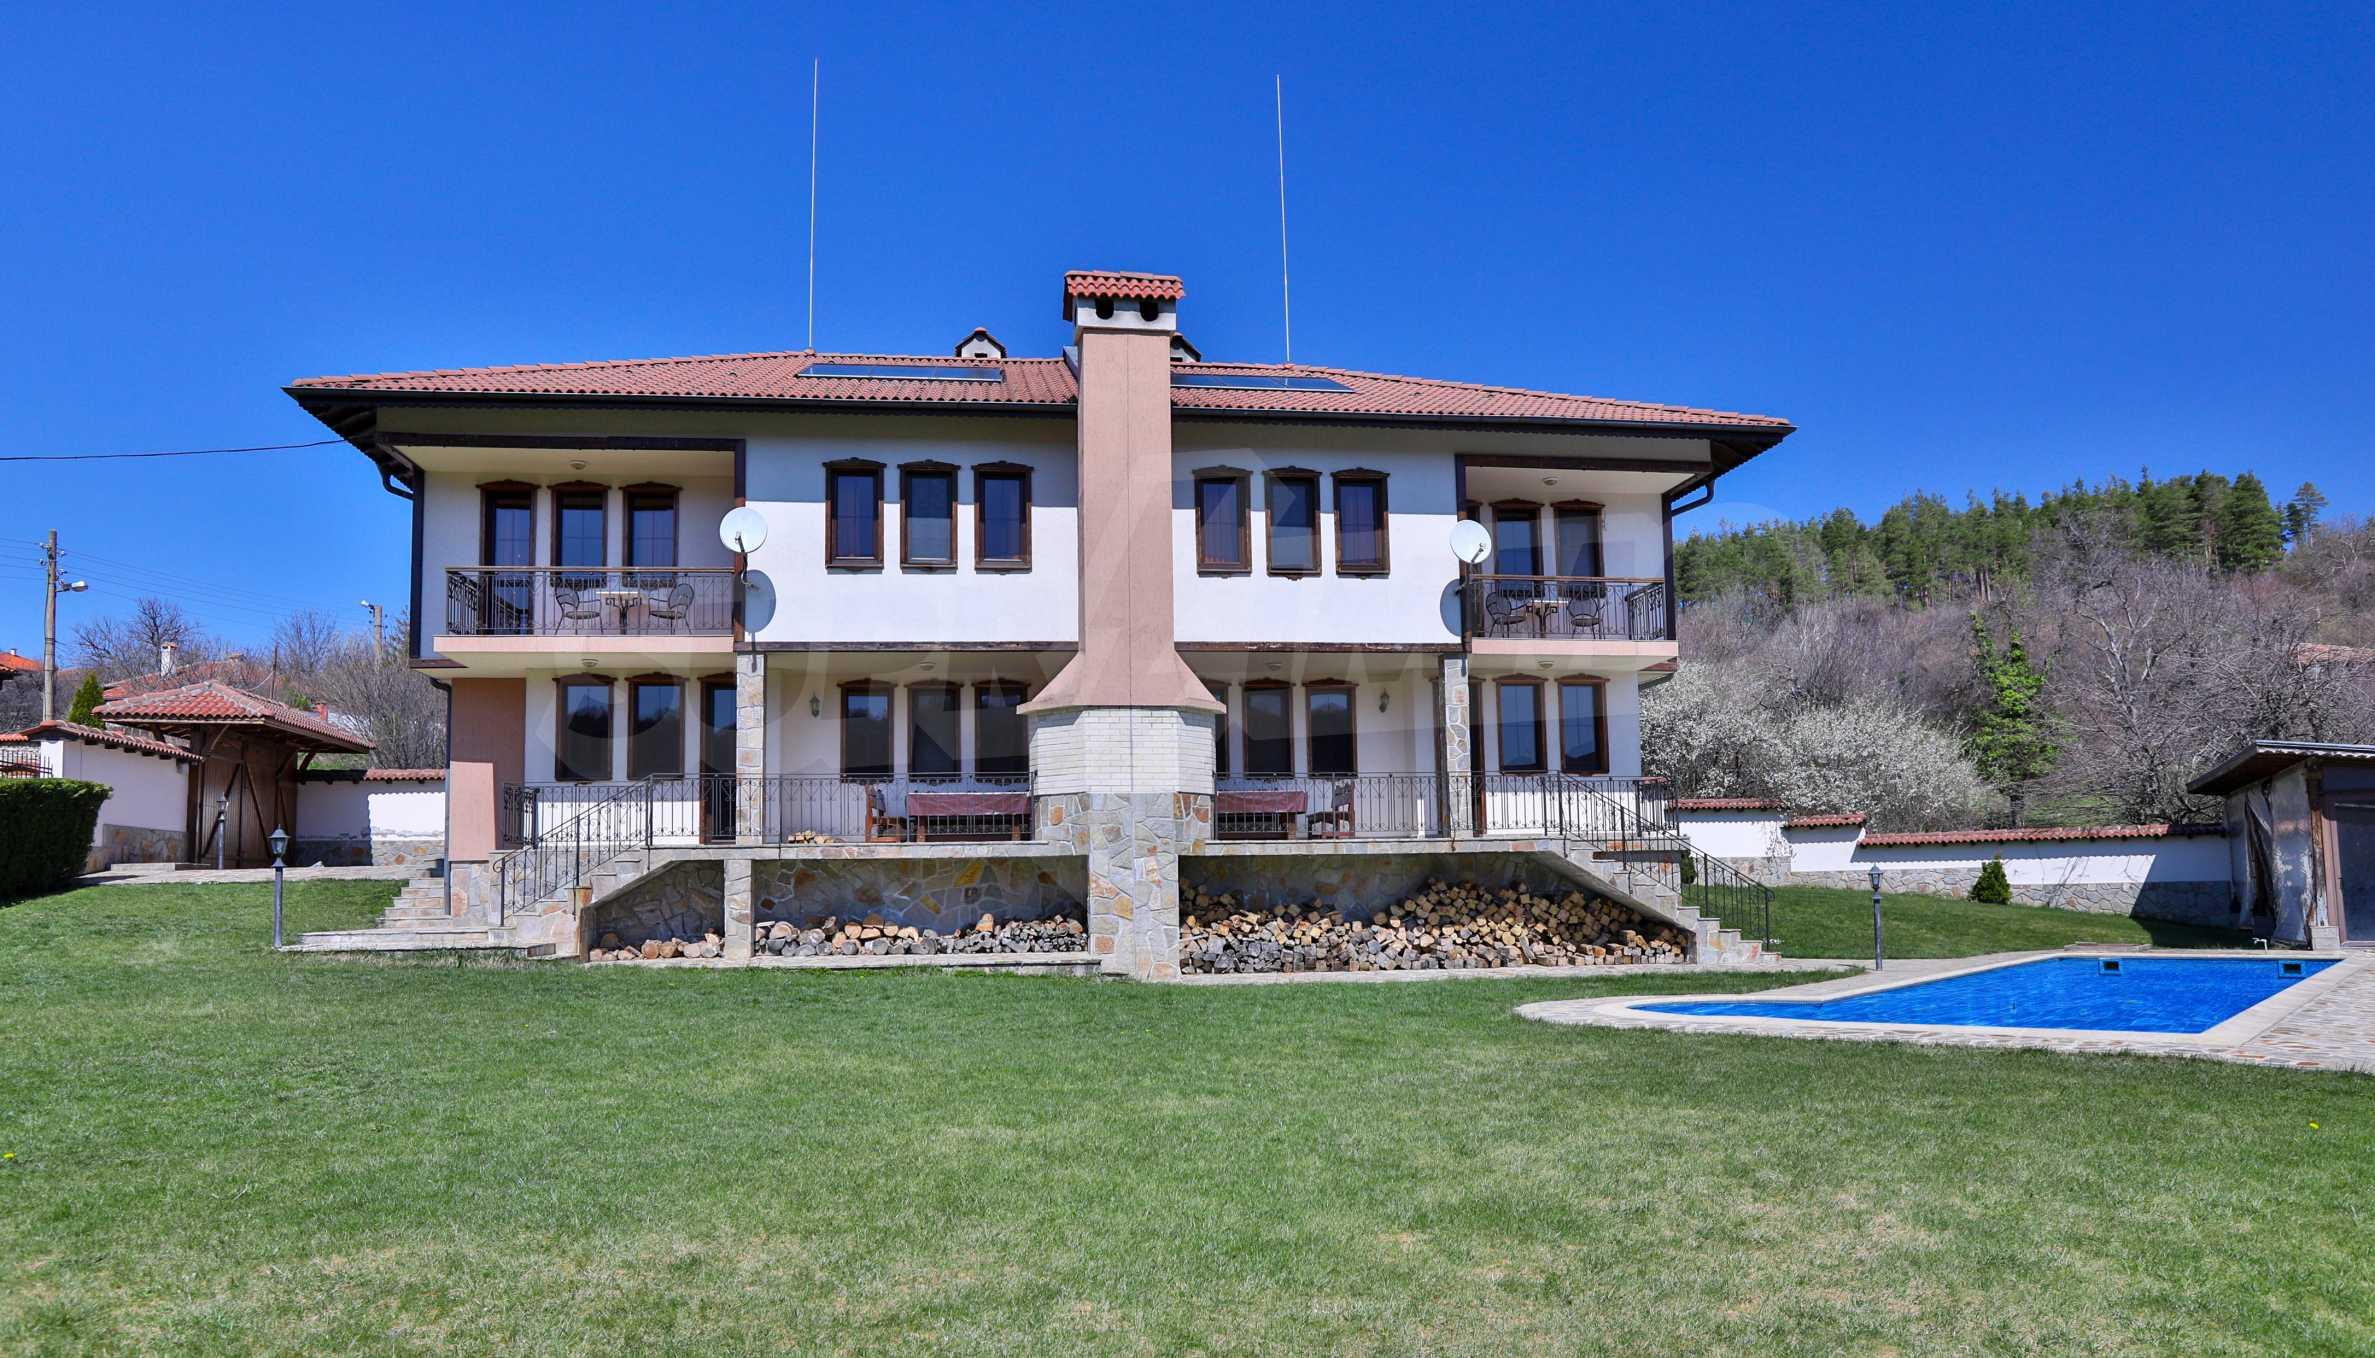 Zwei Doppelhäuser mit Swimmingpool in einem gemeinsamen Hof, nur 5 km vom Yovkovtsi-Damm entfernt